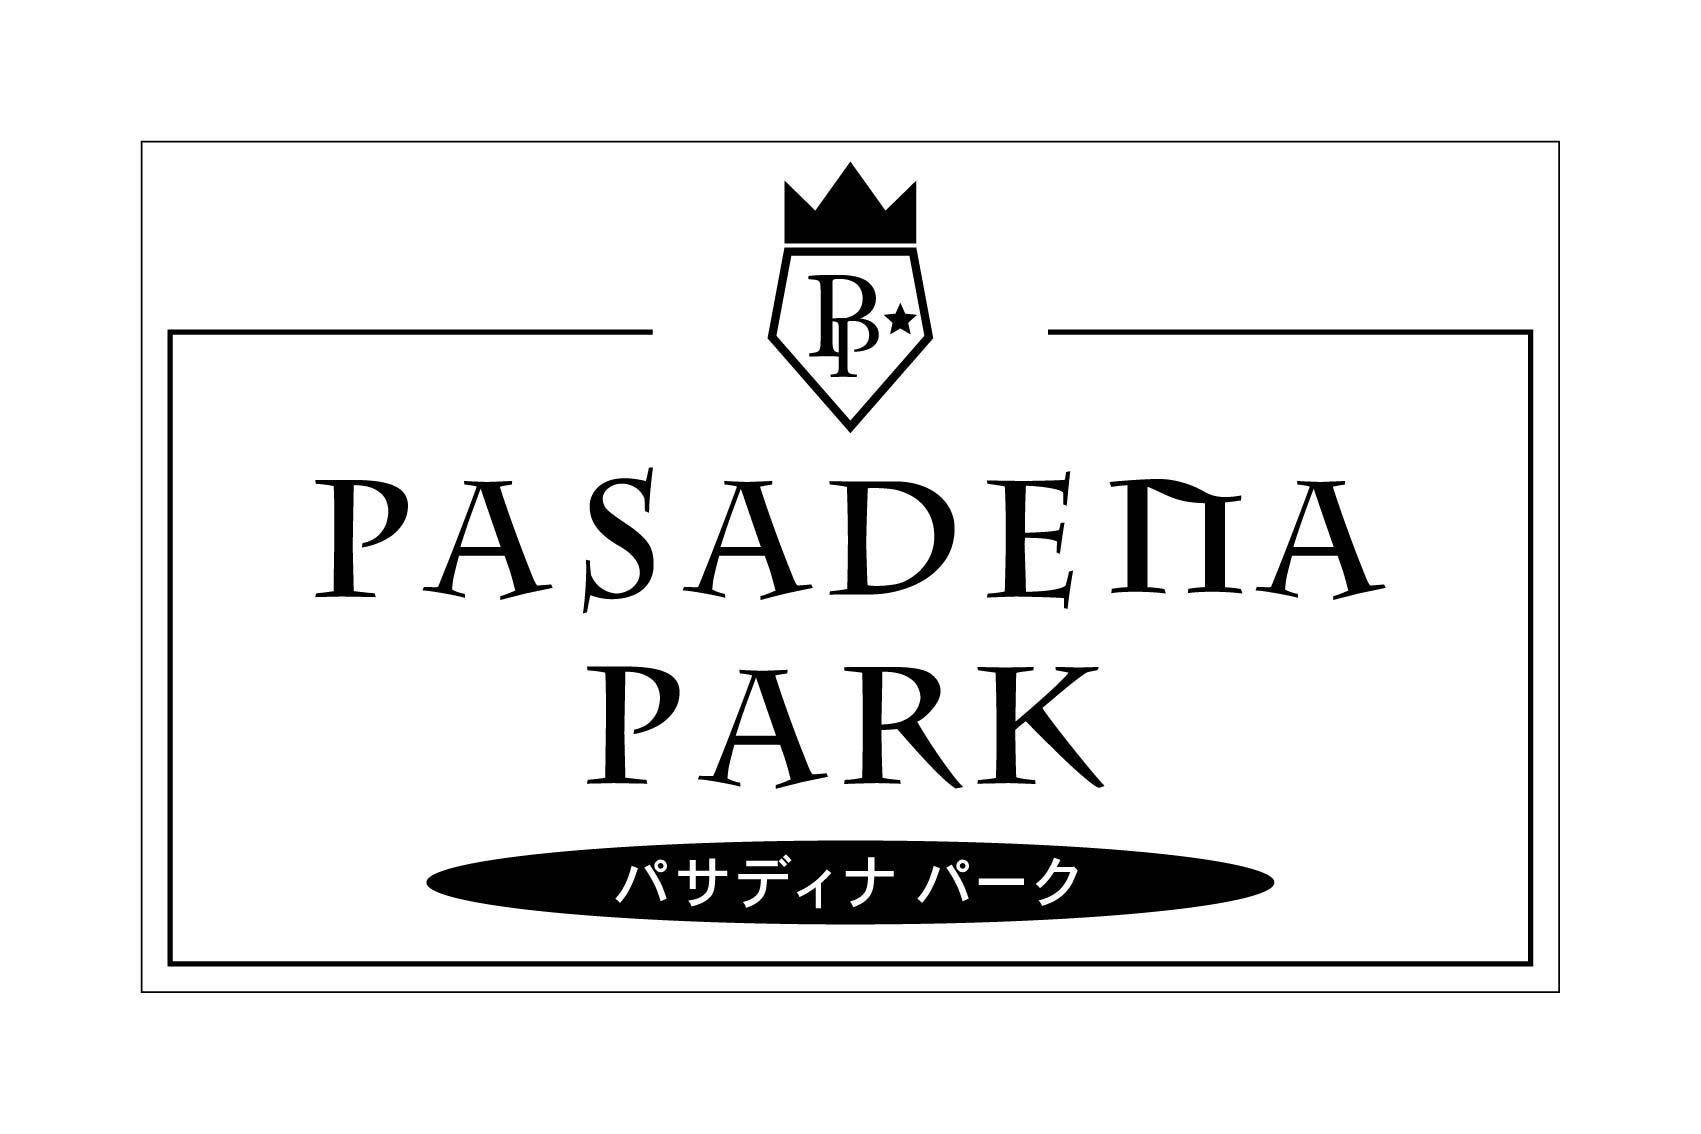 亀岡 駅前 賃貸マンション|パサディナパーク